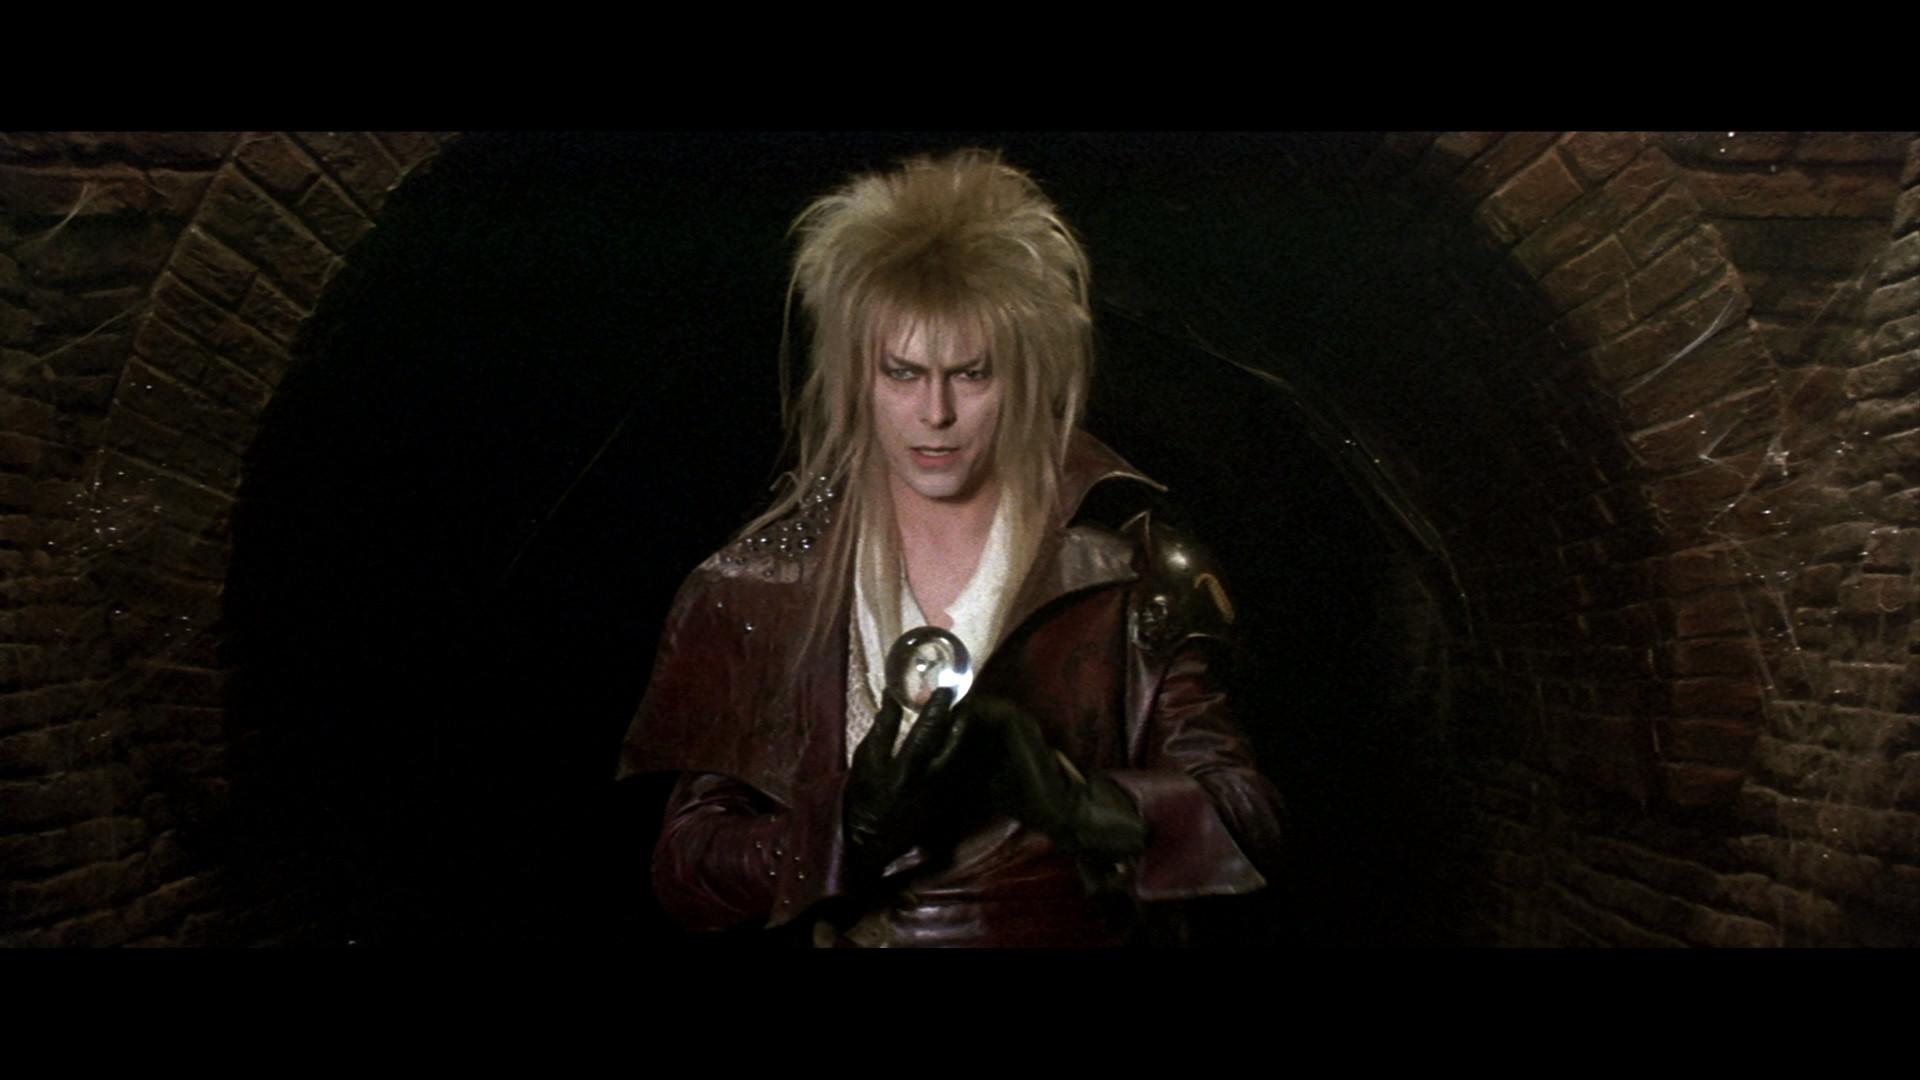 David Bowie Wallpaper (75+ immagini) Labyrinth 1986 Wallpaper